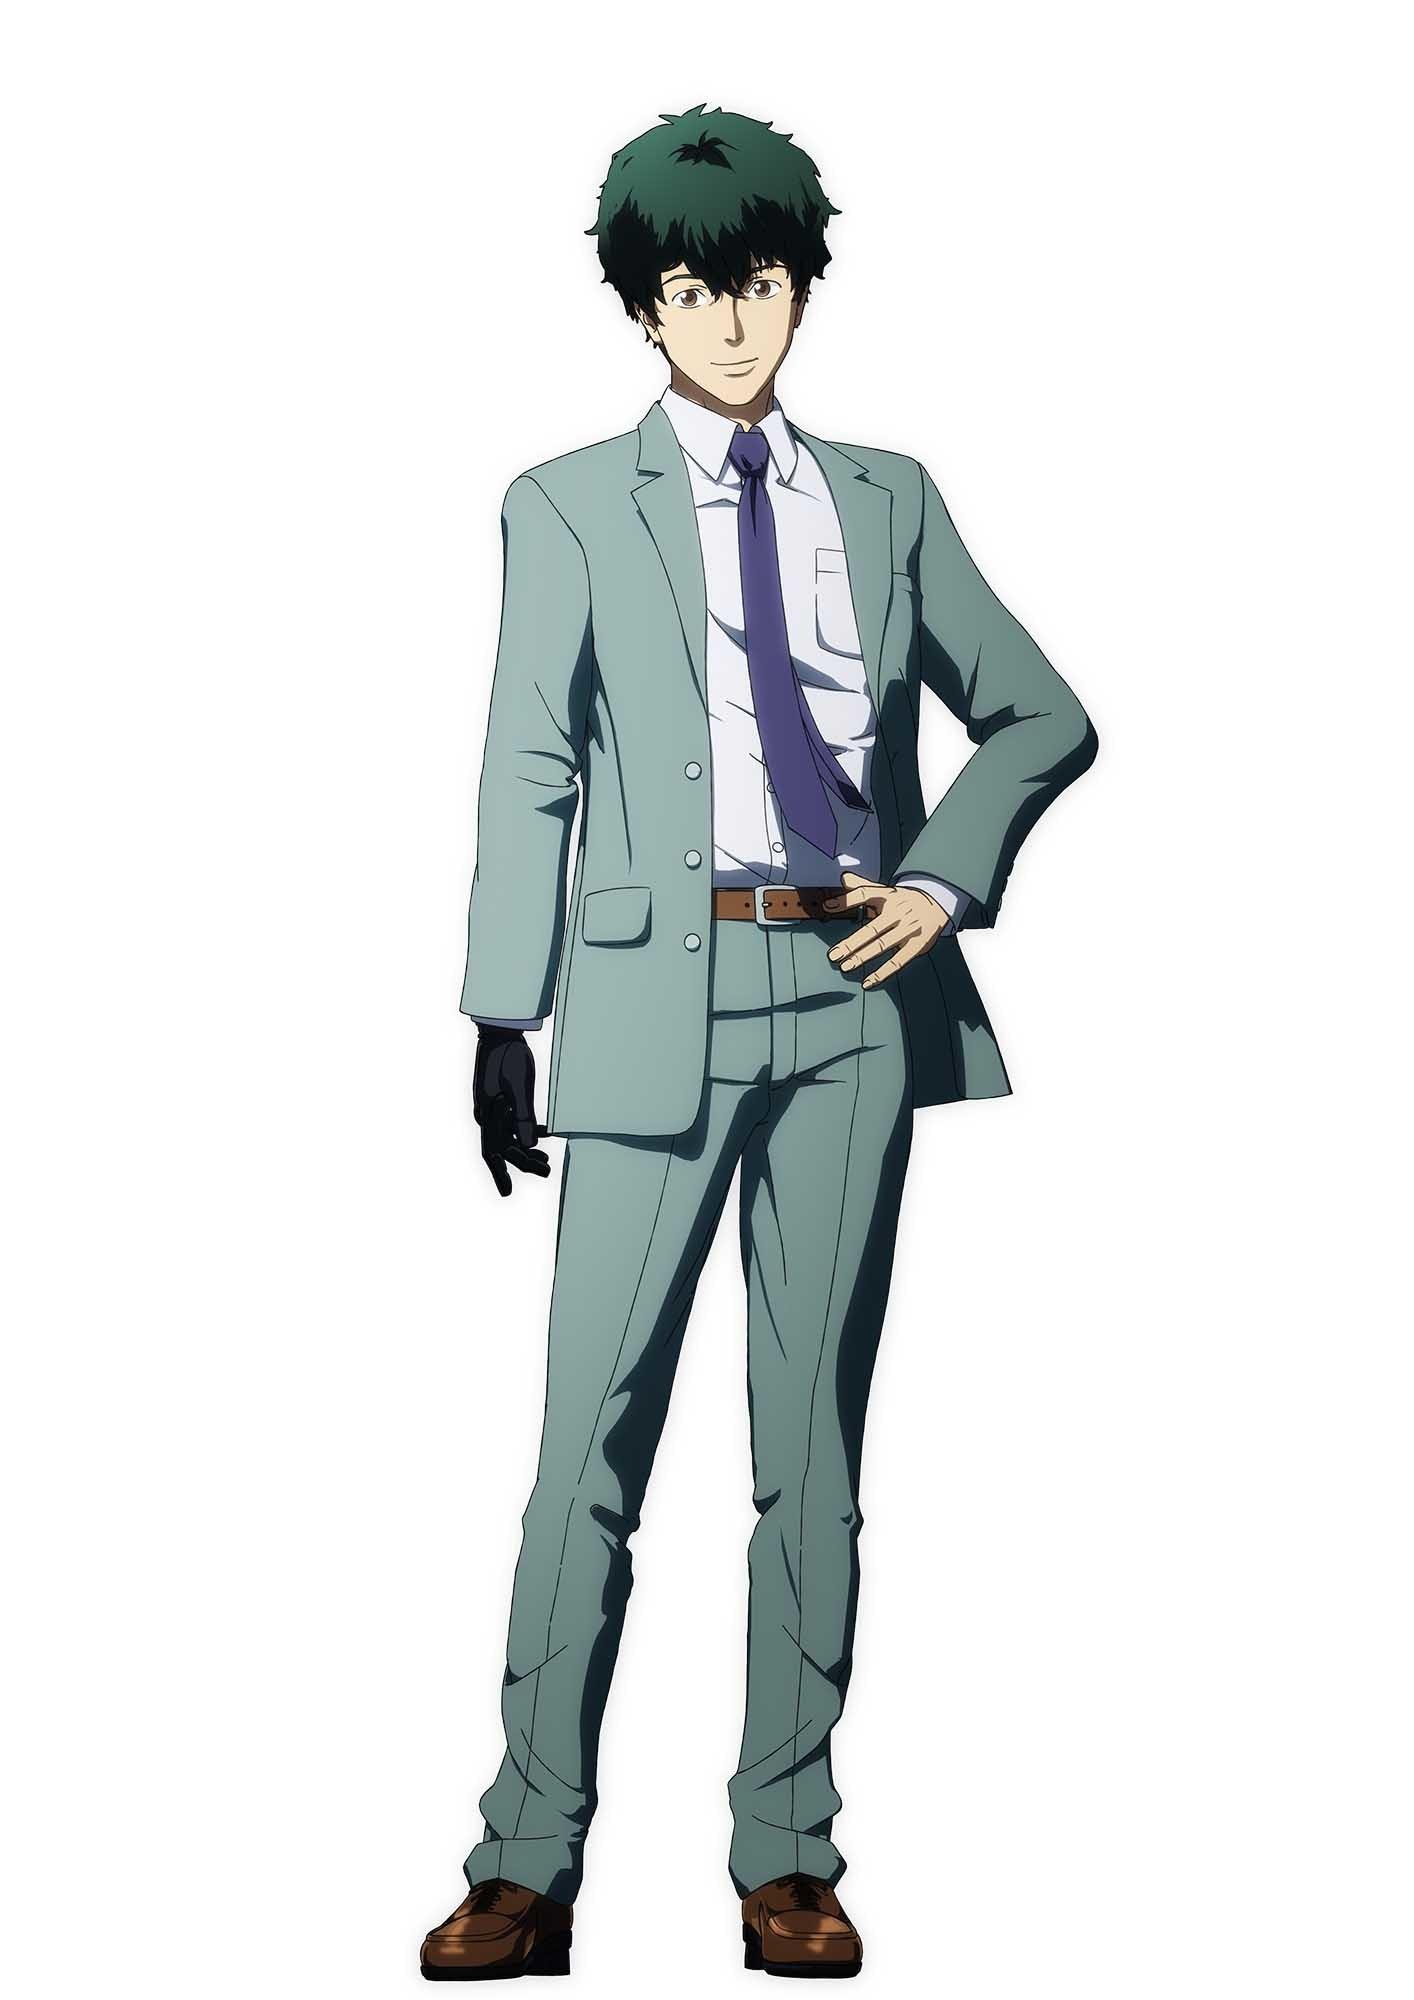 アニメに登場する3人の主要人物。日本人のような名前と容姿のMakoto(マコト)